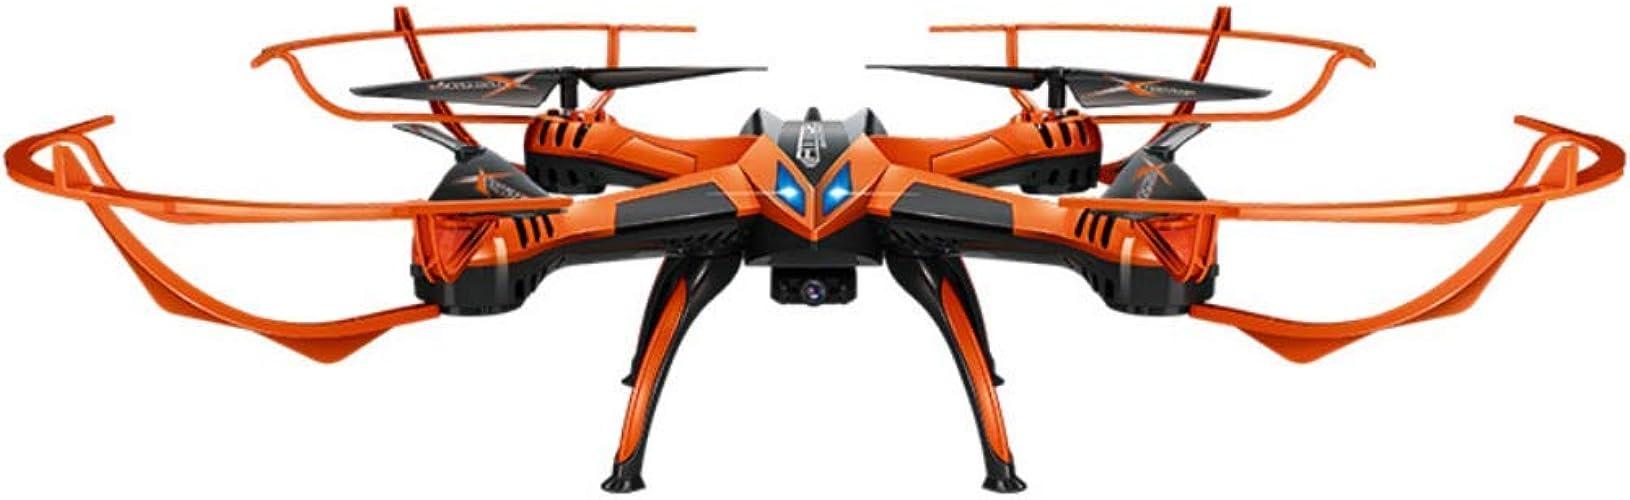 RCDNE Télécomhommede Avion HD Drone aérien Super Grande Chute-résistant à Quatre Axes modèle Avion Jouet, Suzaku Forme 360 ° Une clé Flip, 200W caméra HD